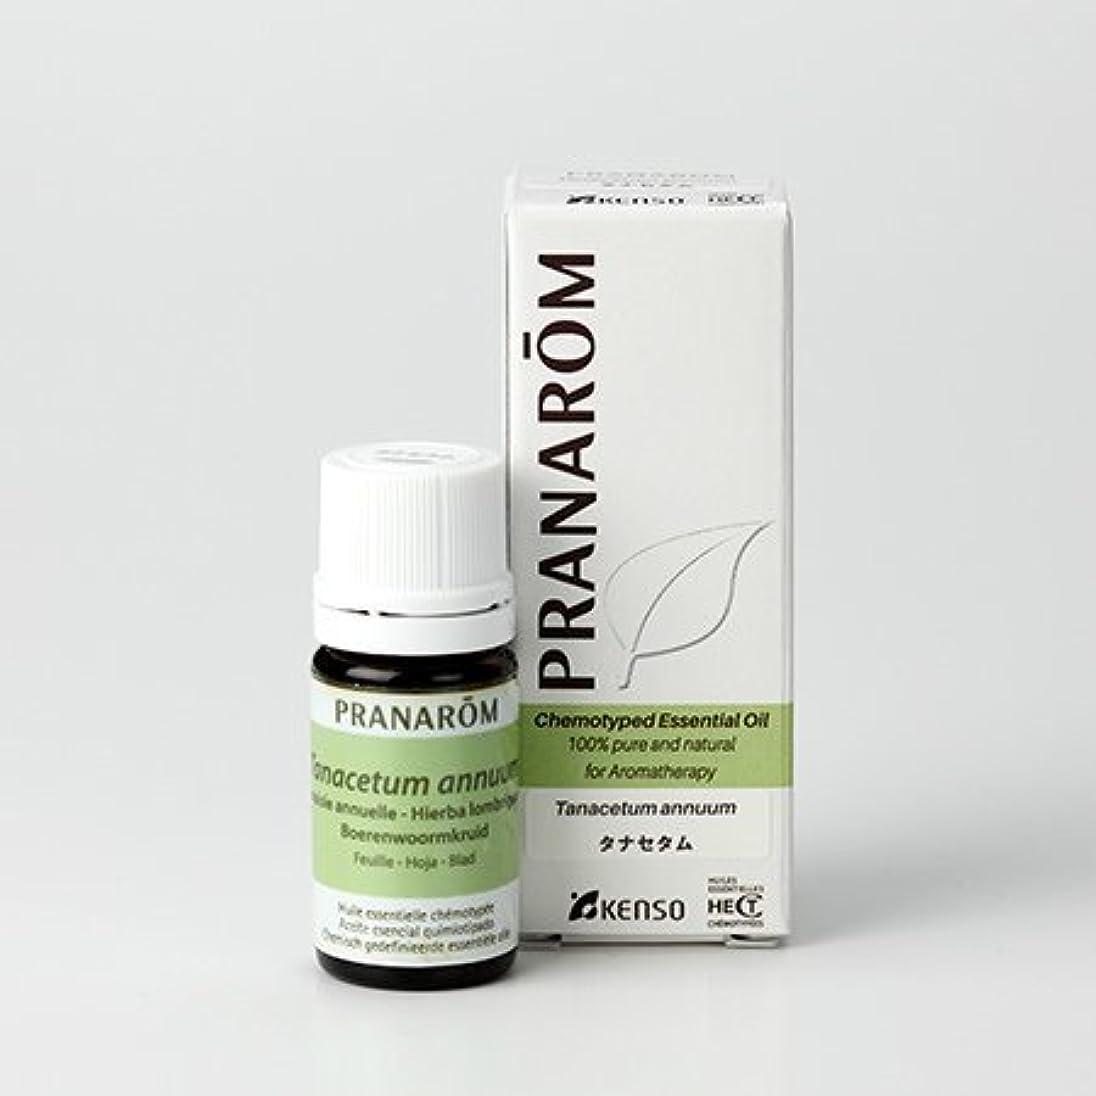 ビルマ受ける作る【タナセタム 5ml】→甘みのある、濃厚でフルーティな香り?(リラックスハーブ系)[PRANAROM(プラナロム)精油/アロマオイル/エッセンシャルオイル]P-173